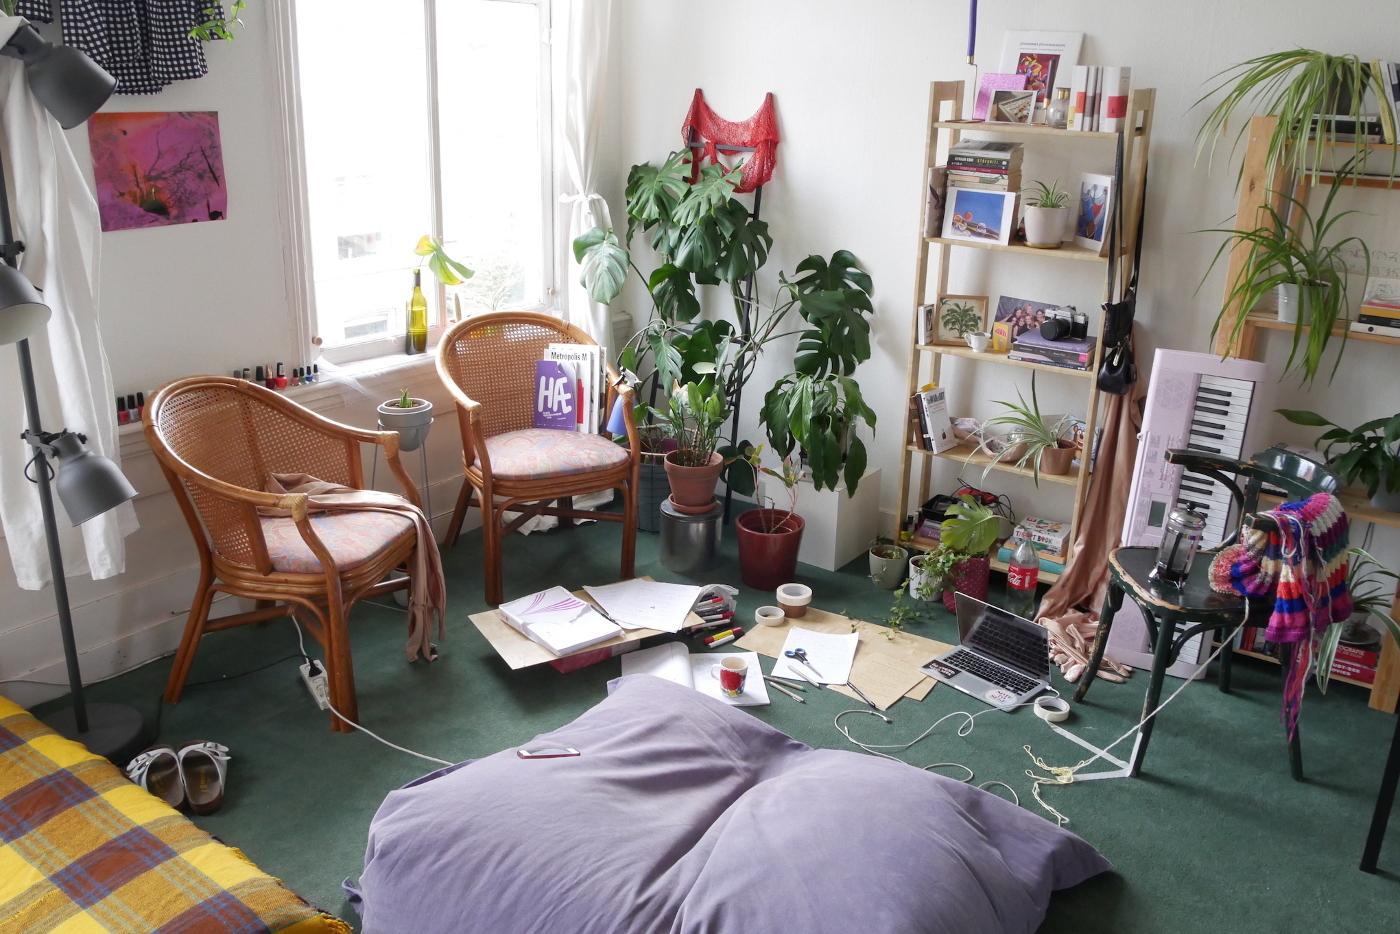 Eva Sigurðardóttir room and studio space